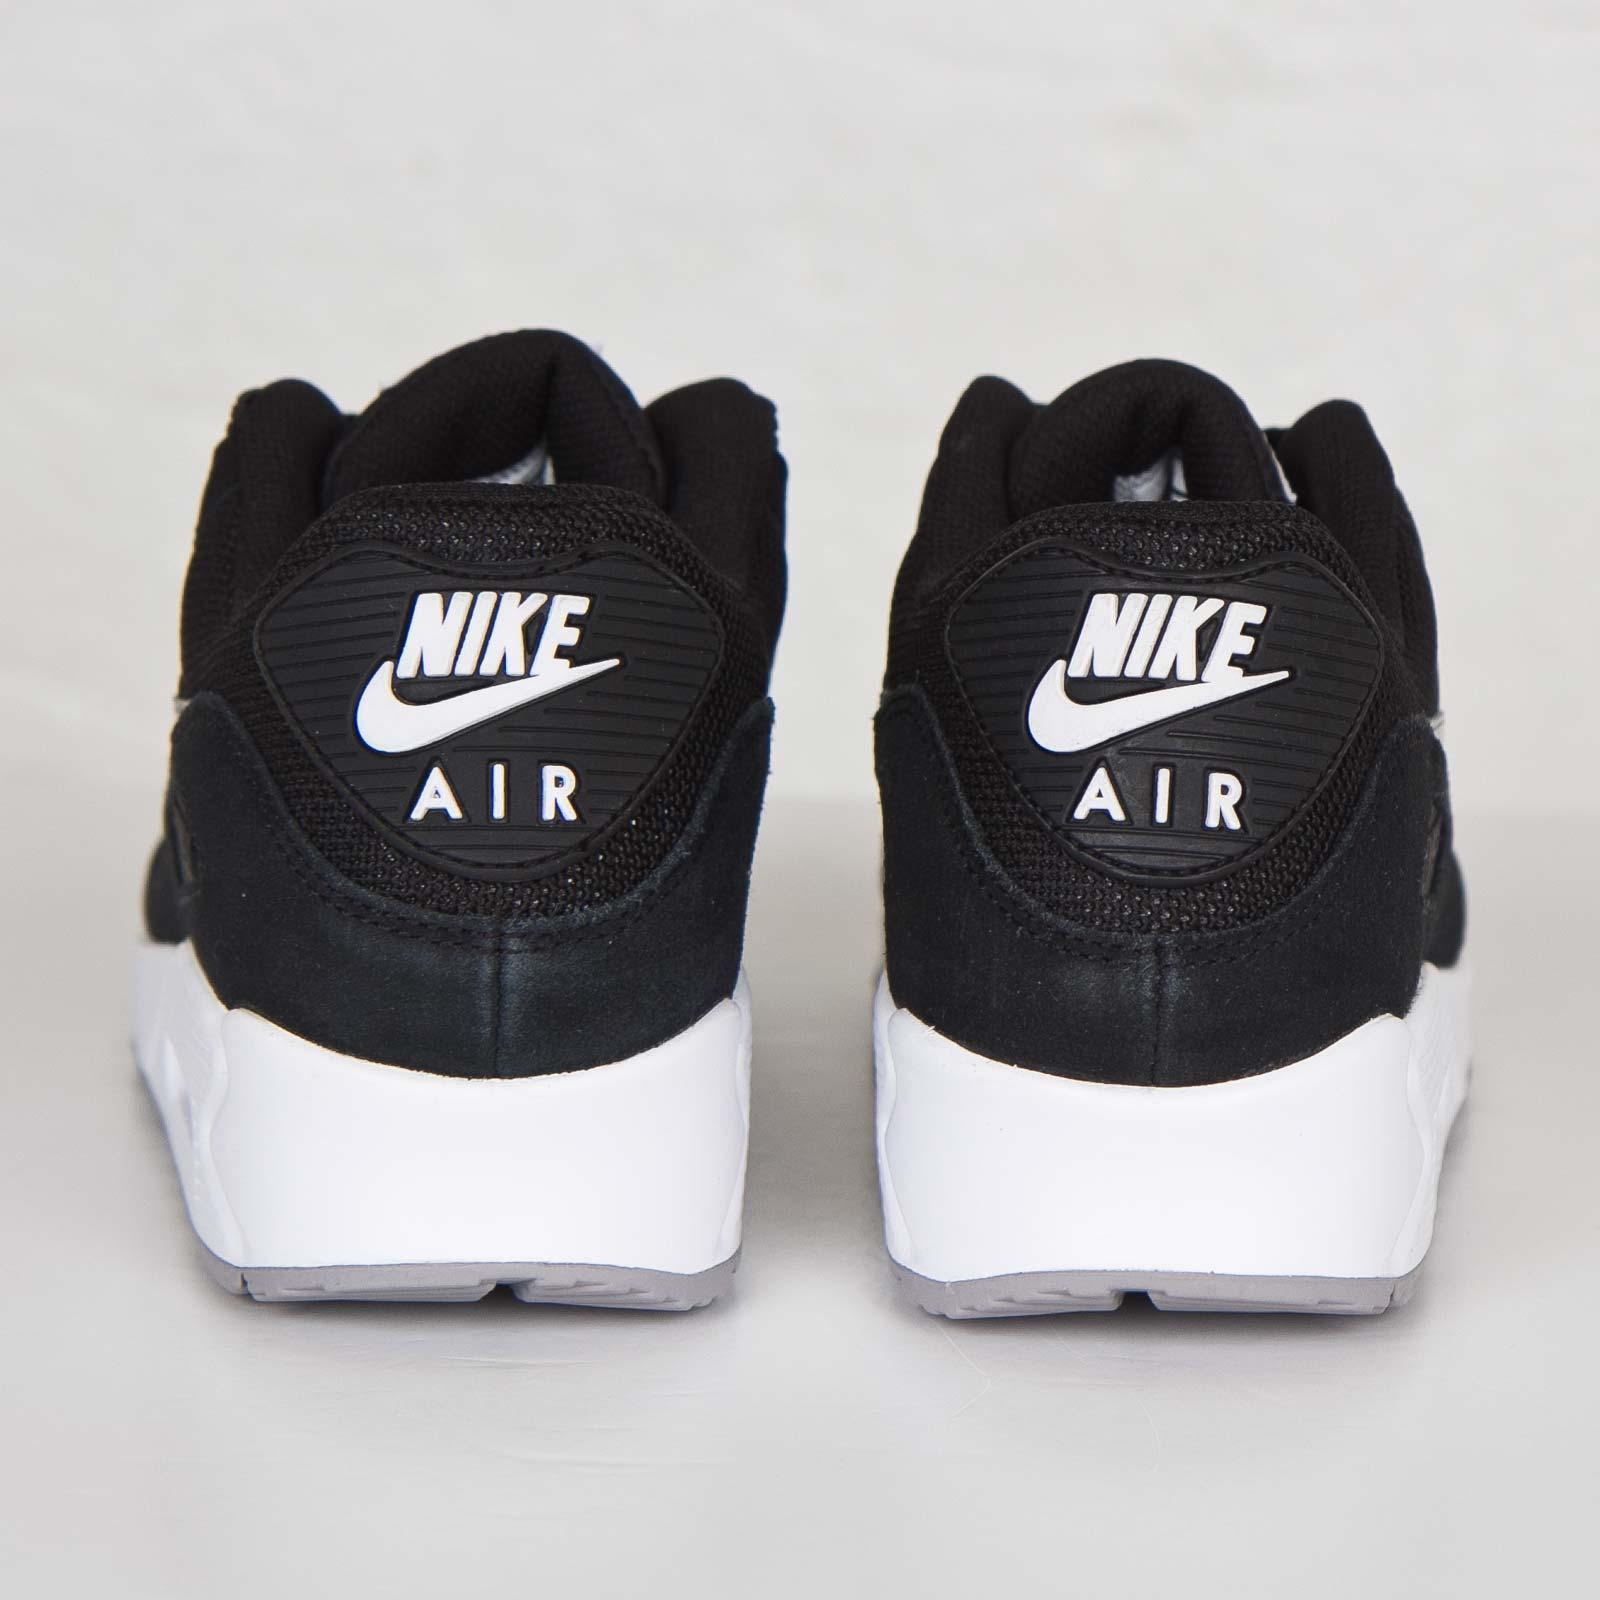 Nike Air Max 90 Essential 537384 047 Sneakersnstuff